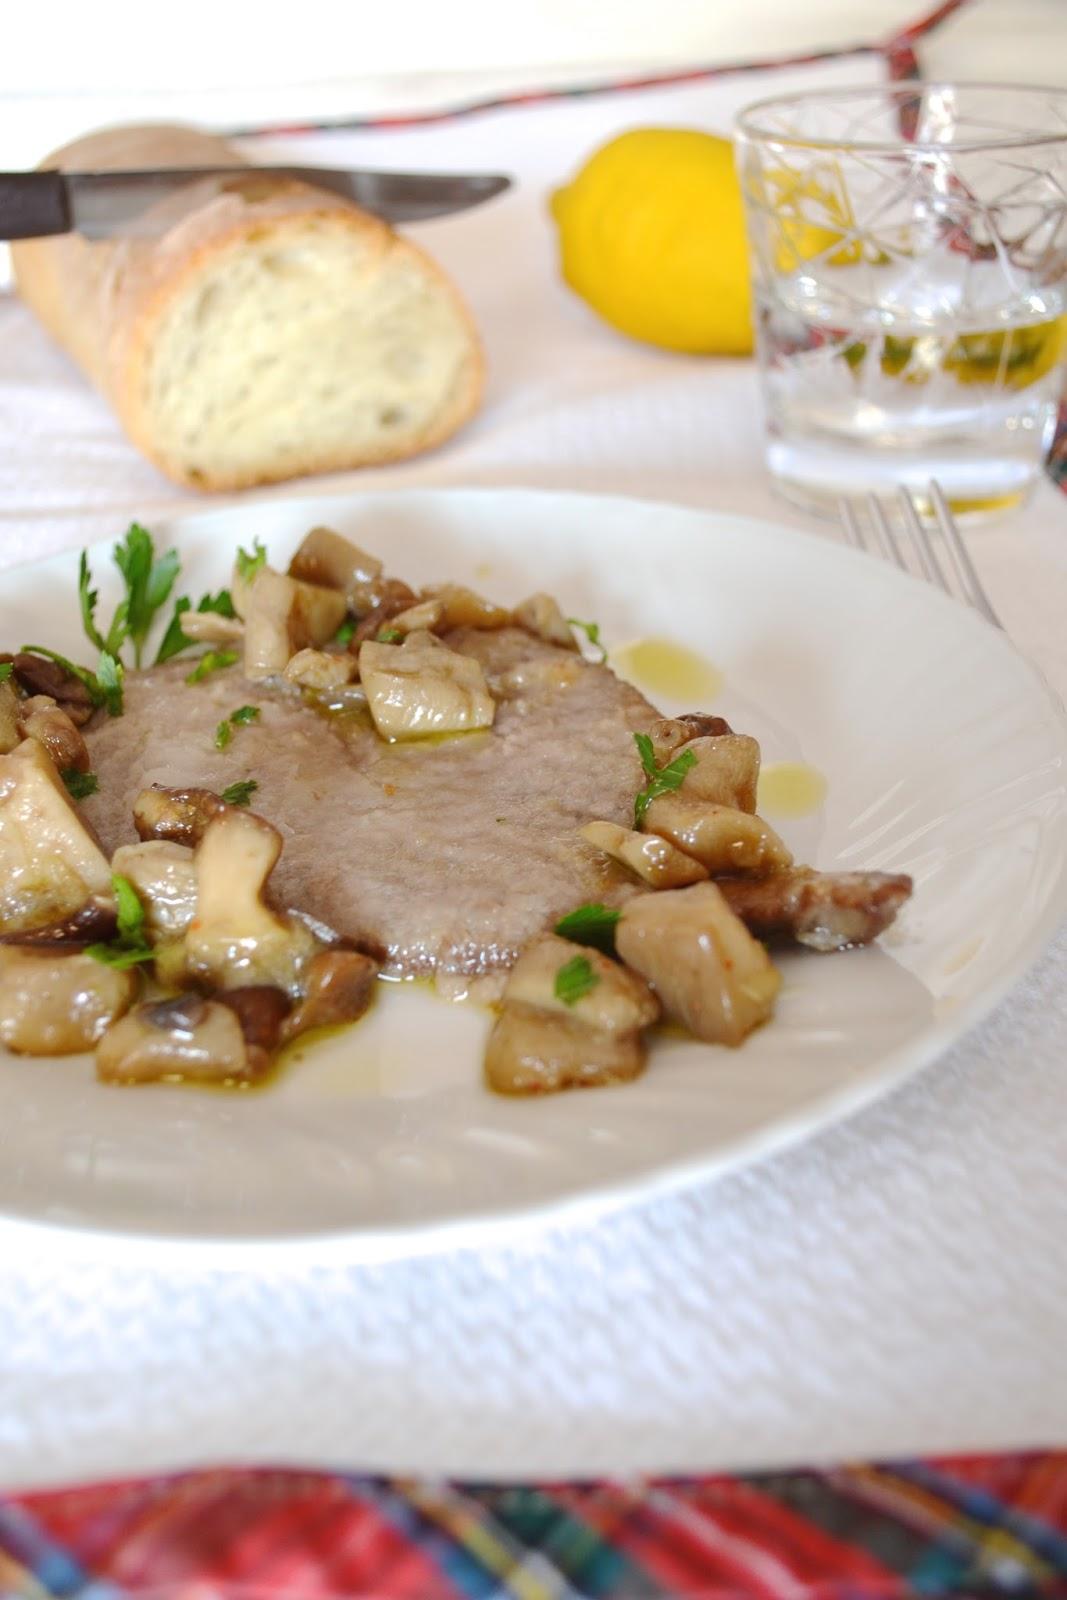 cucina di barbara food blog - blog di cucina ricette - Creare Un Blog Di Cucina